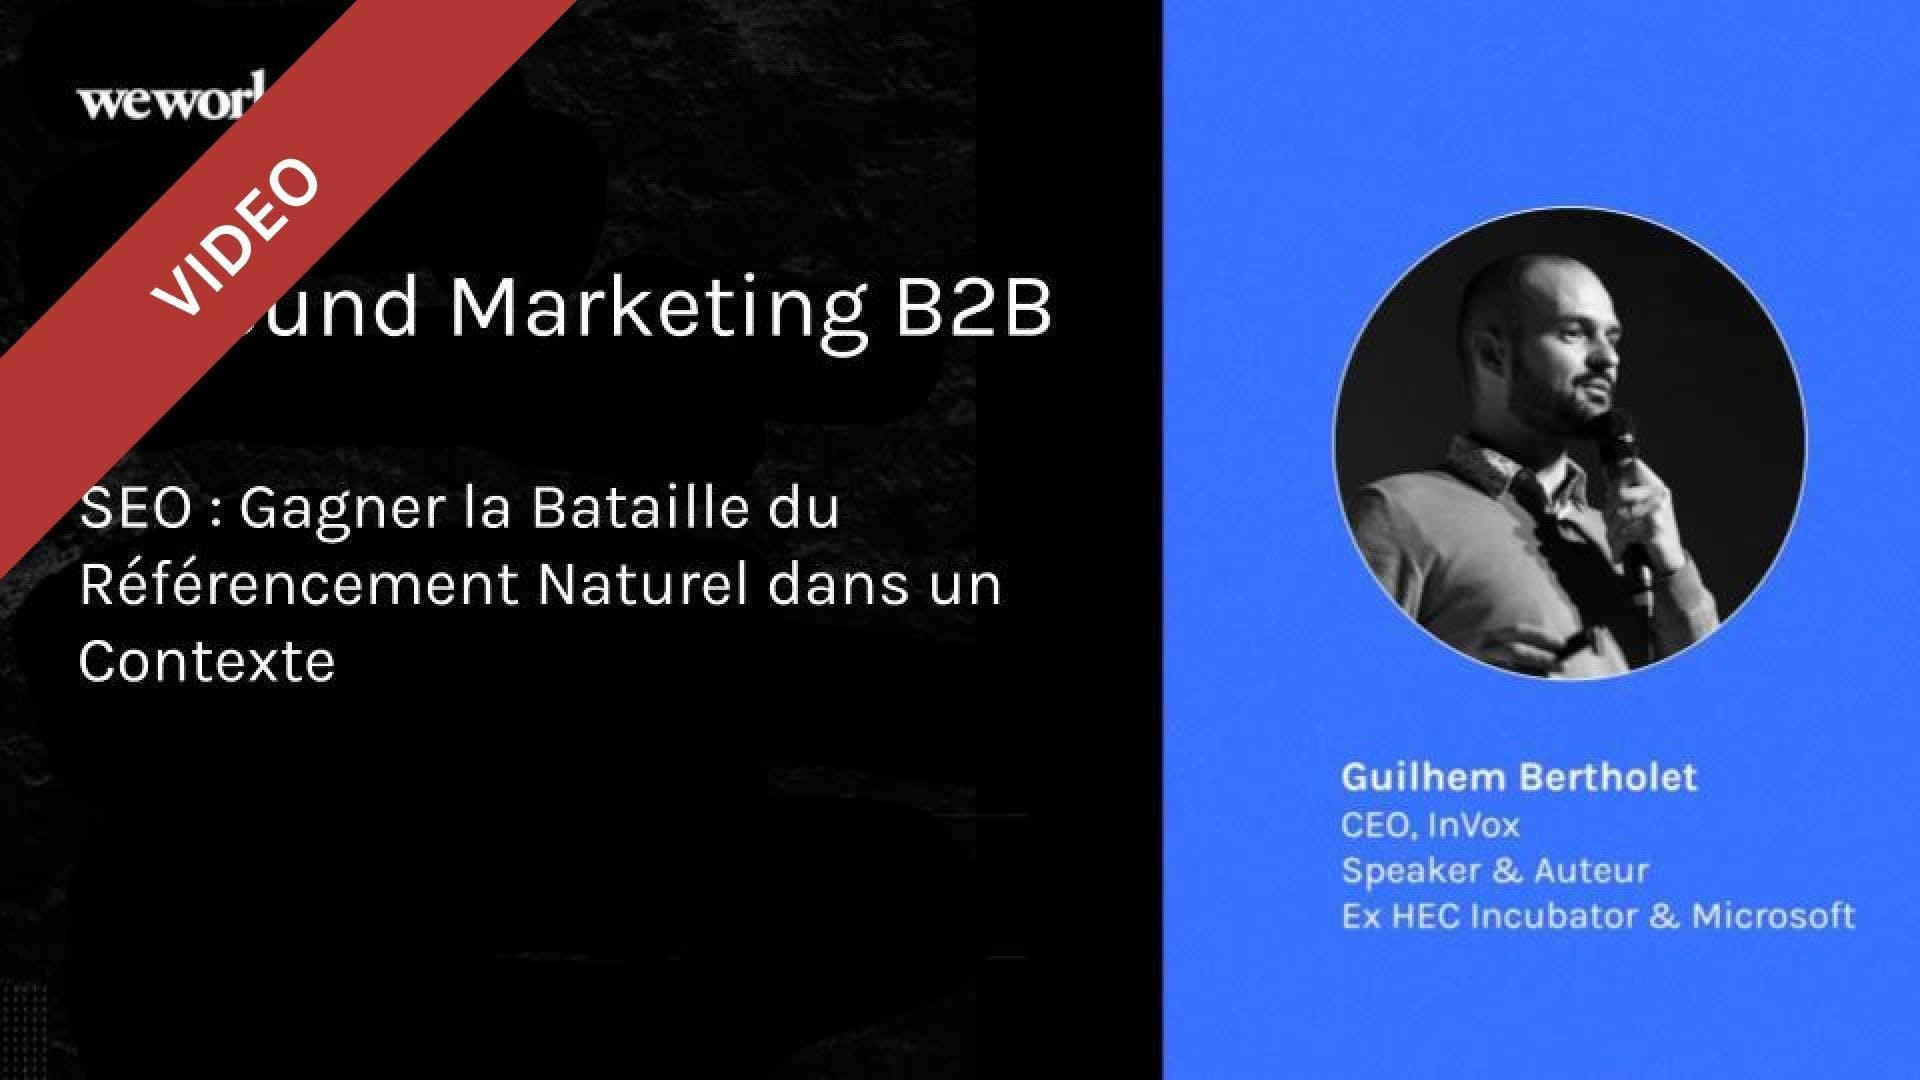 Inbound Marketing B2B - SEO : Gagner la Bataille du Référencement Naturel dans un Contexte B2B